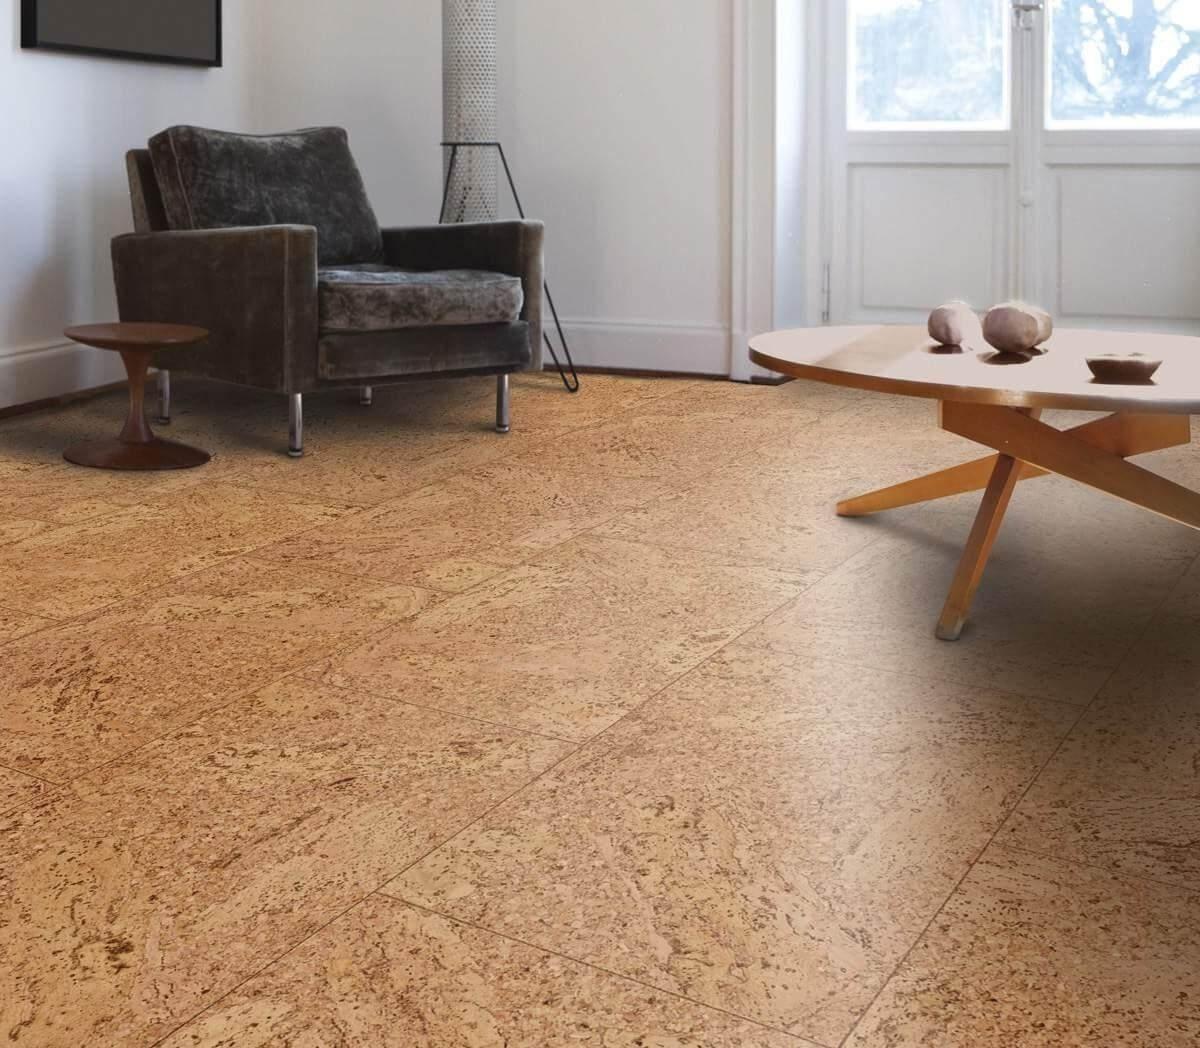 fliesen wohnzimmer von pro floor tips auf cork flooring